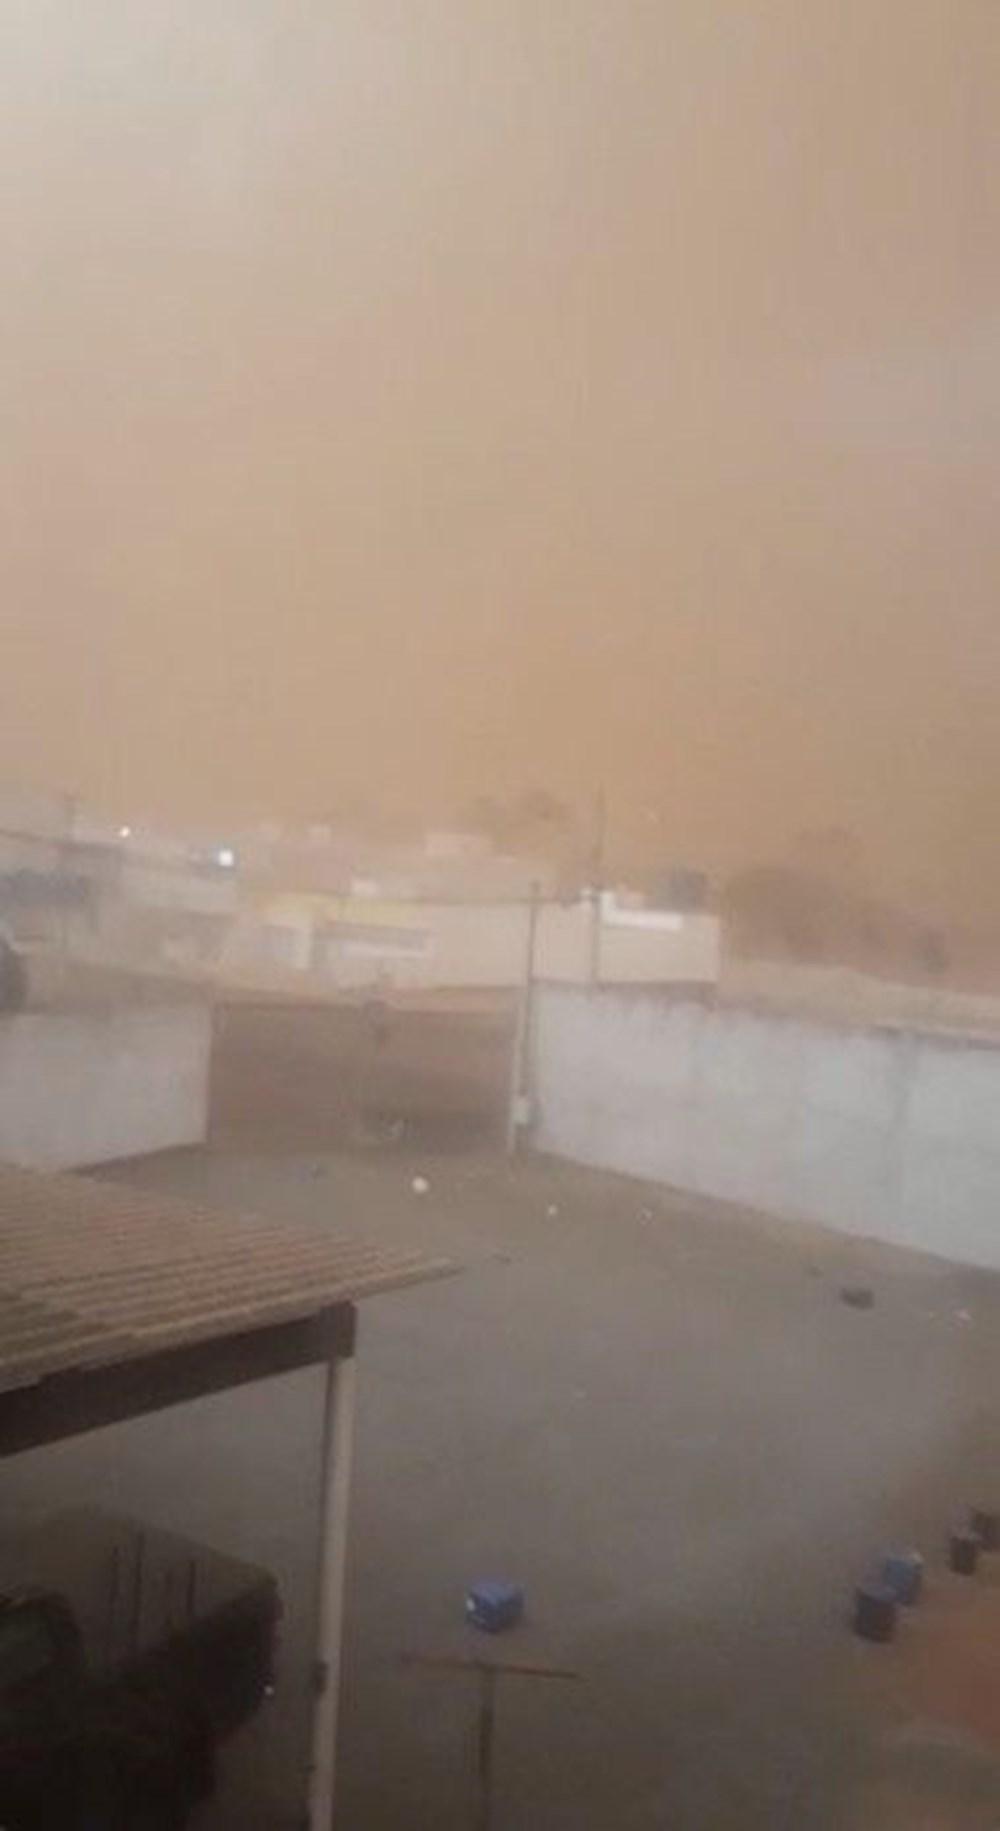 Brezilya'da kıyamet filmini aratmayan kum fırtınası: Binalar ortadan kayboldu - 4